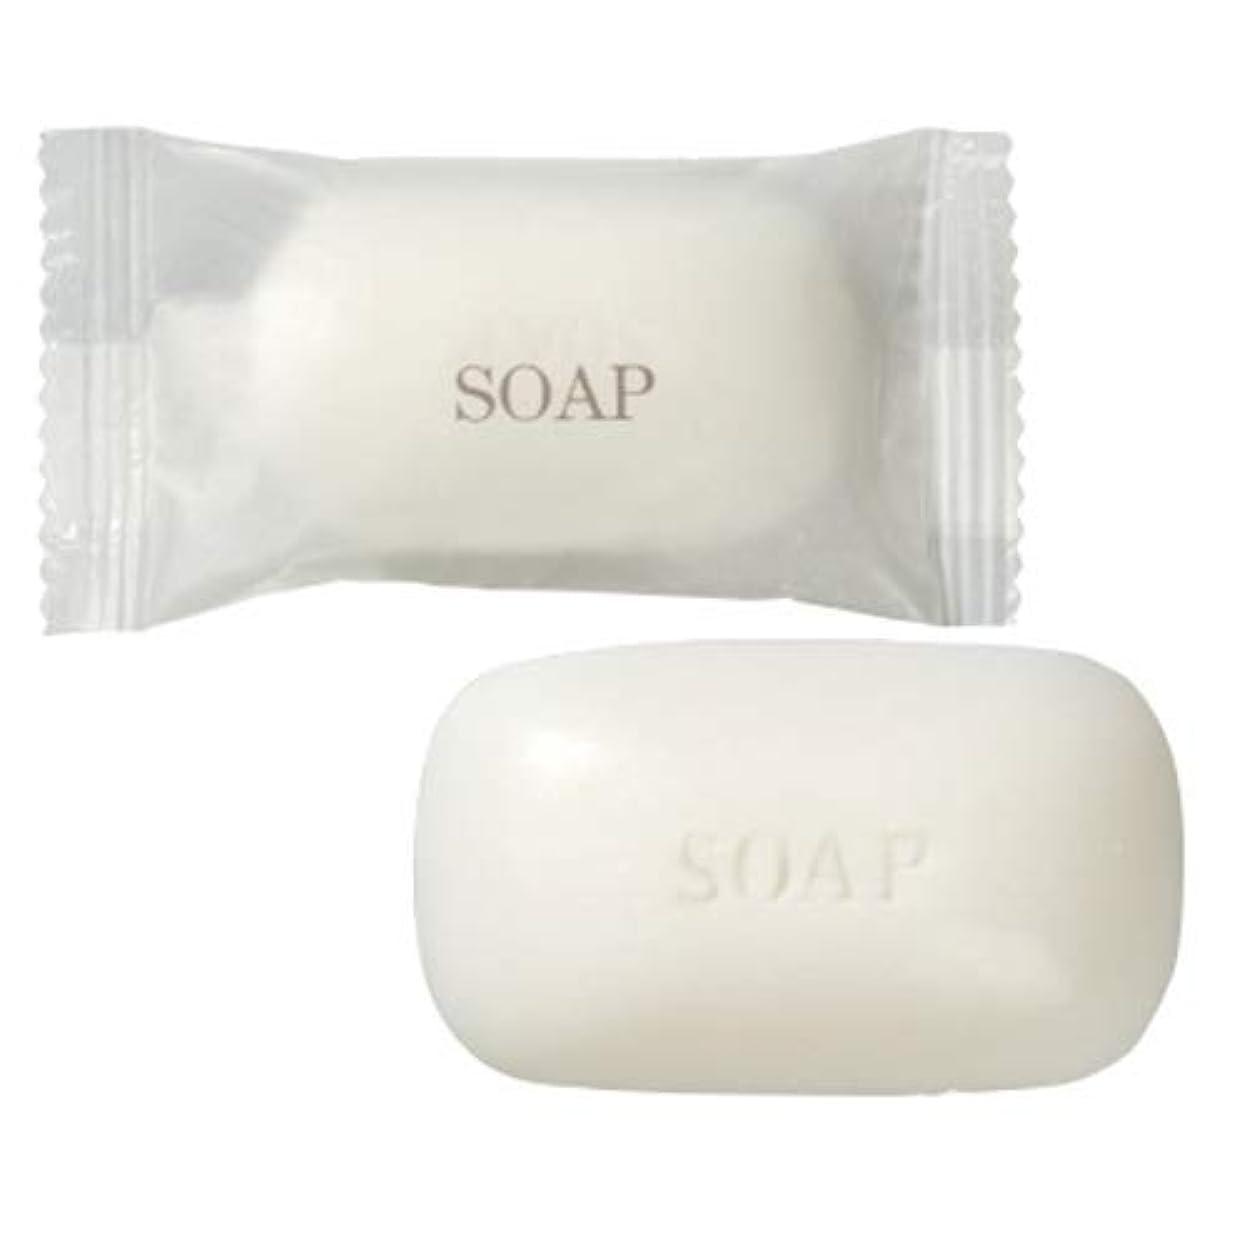 抜本的な欠かせない構造業務用 フィードソープ(FEED SOAP) マット袋(M袋) 15g ×100個 | ホテルアメニティ 個包装